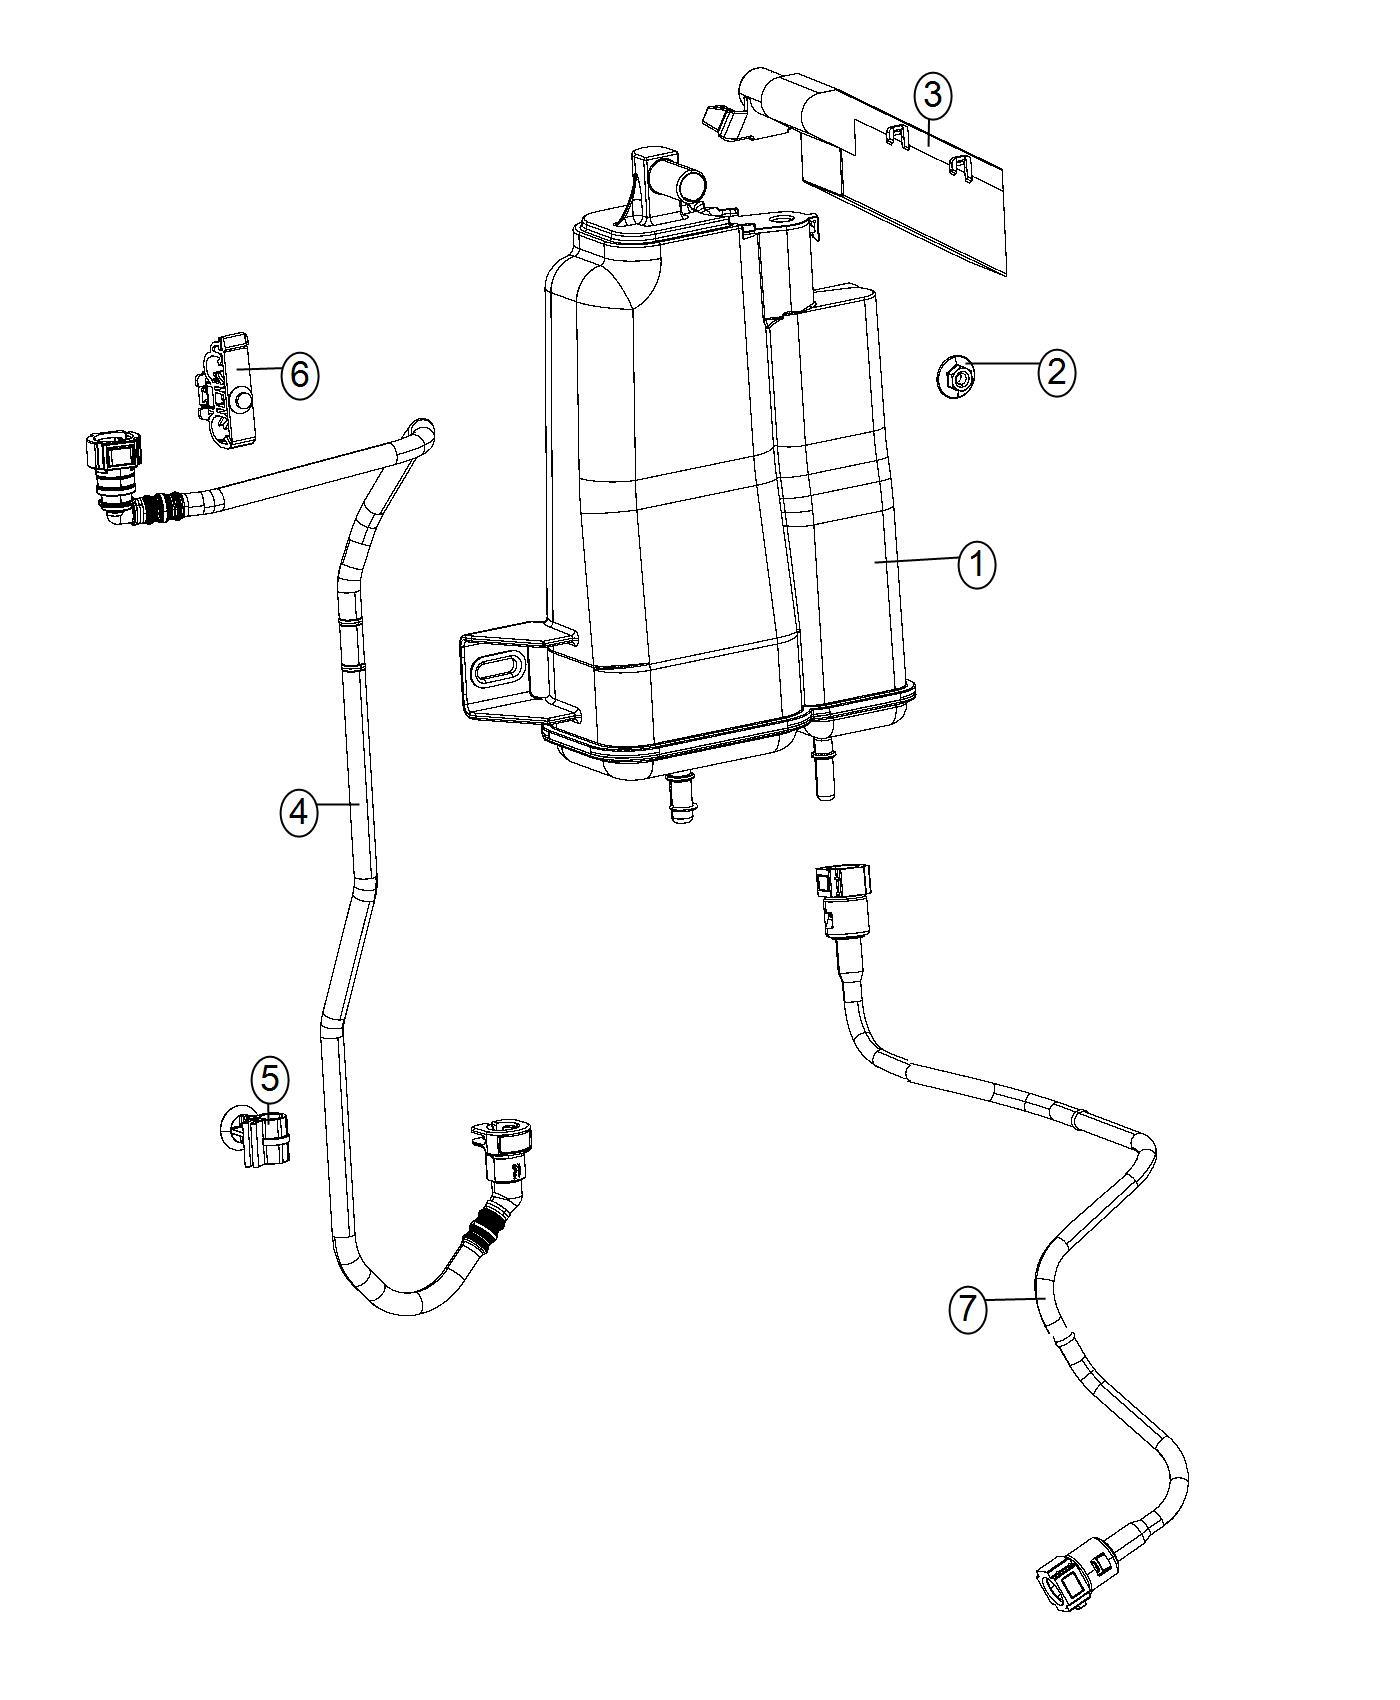 2016 Jeep Renegade Clip. Fuel line. Canada, mexico. Lines